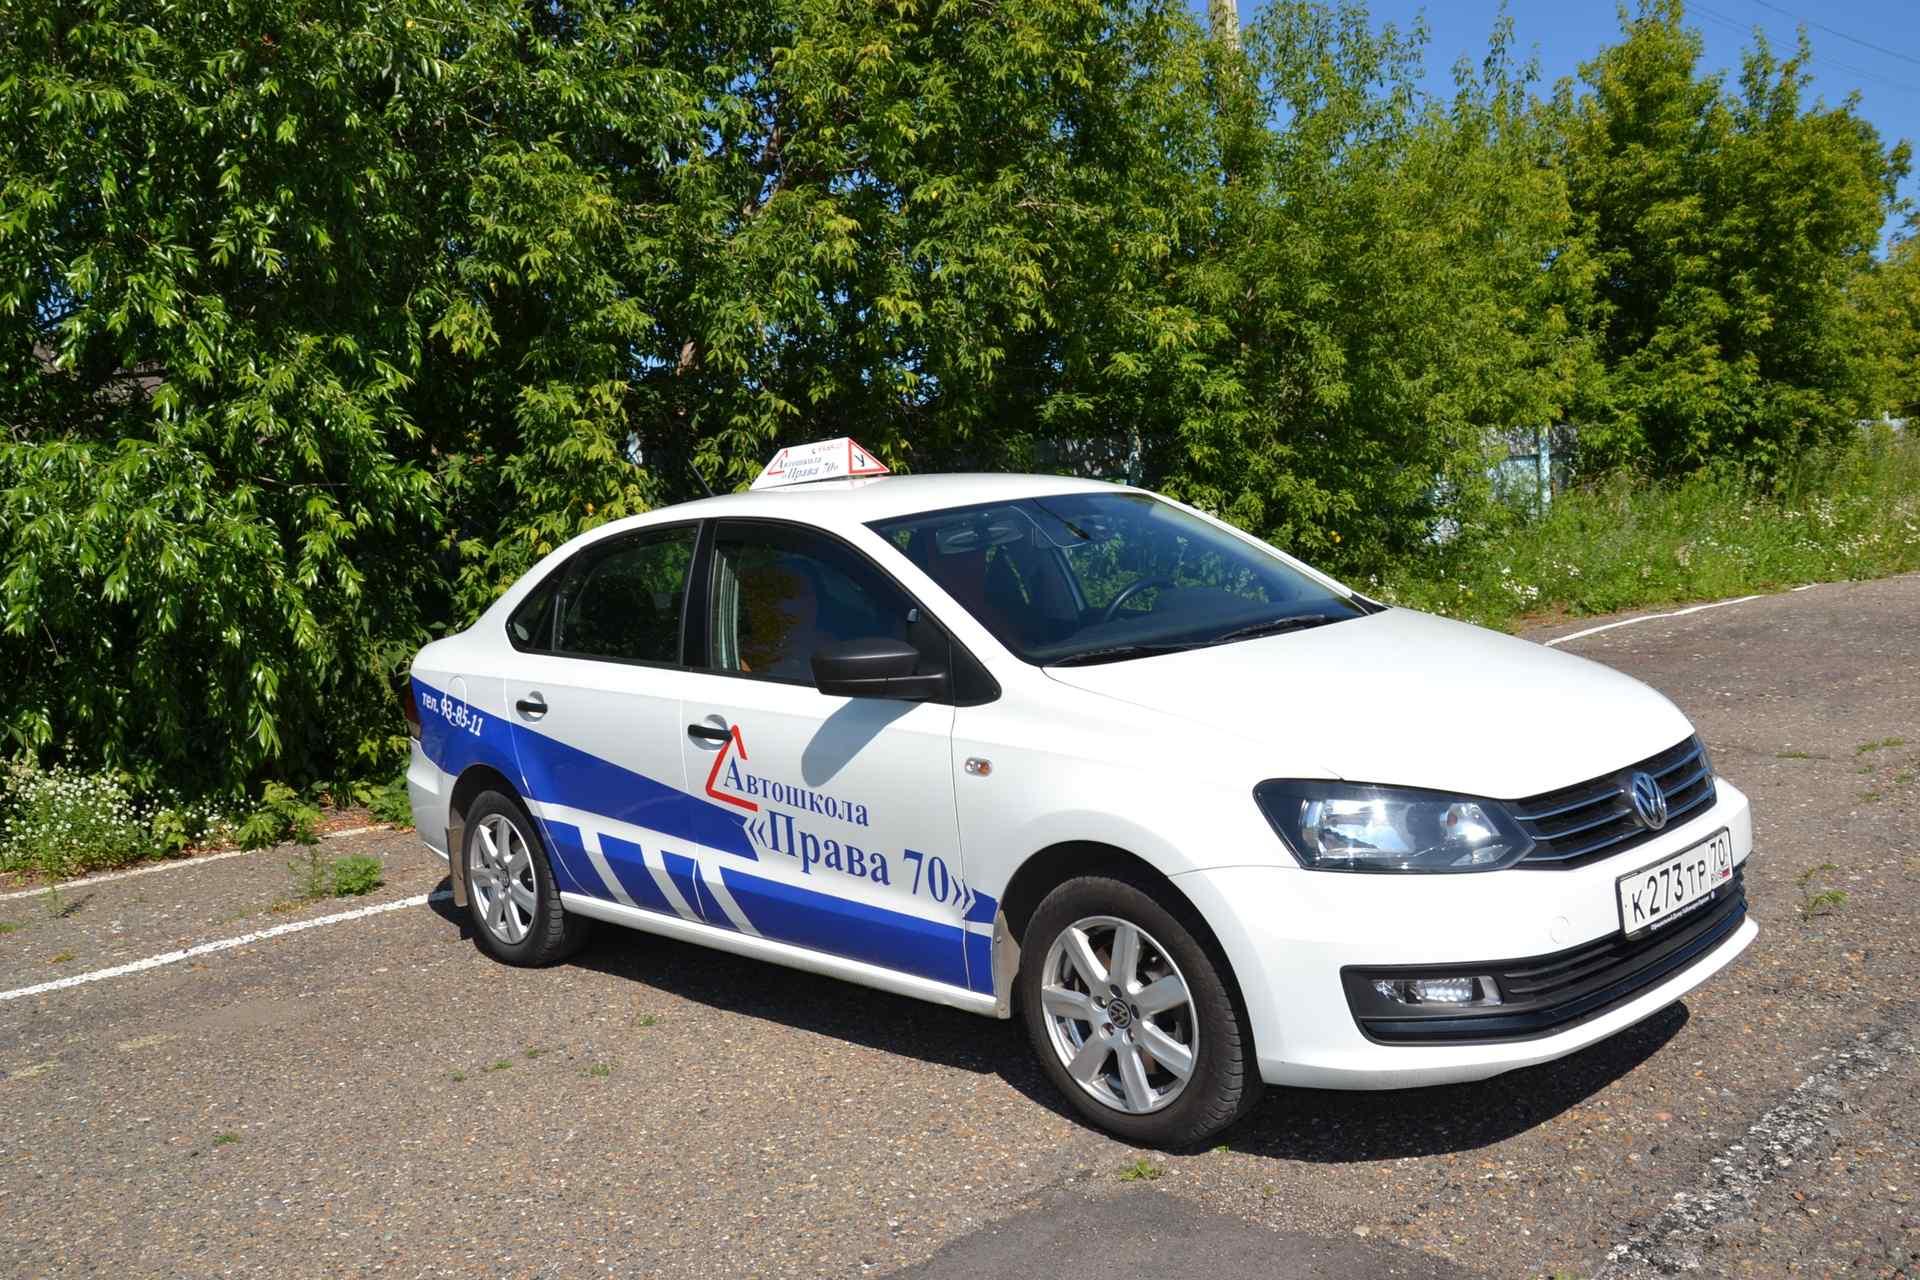 Автошкола Права 70 Volkswagen Polo (АКПП) Инструктор Вольных П.Ю.